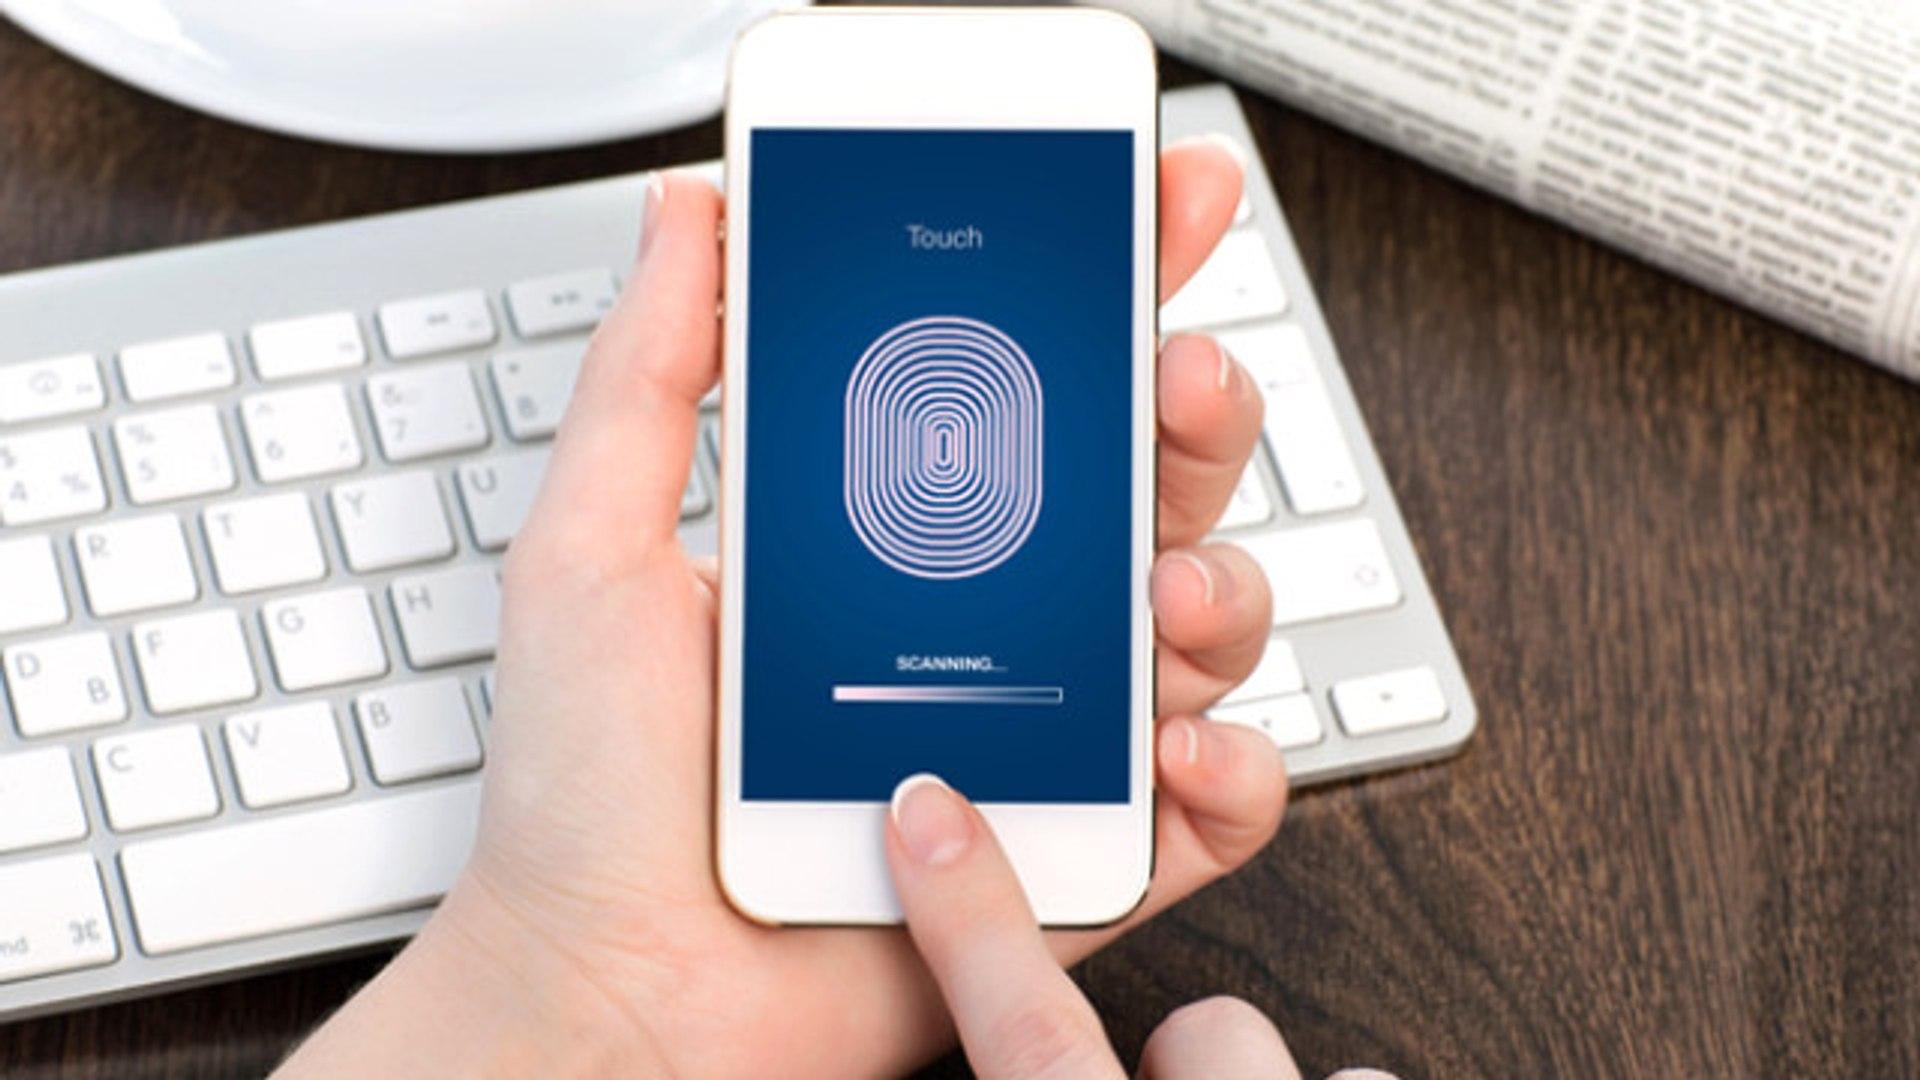 Türk Yazılımcı Apple'ın Şifresiz Giriş Yapmaya İzin Veren Güvenlik Açığını Buldu